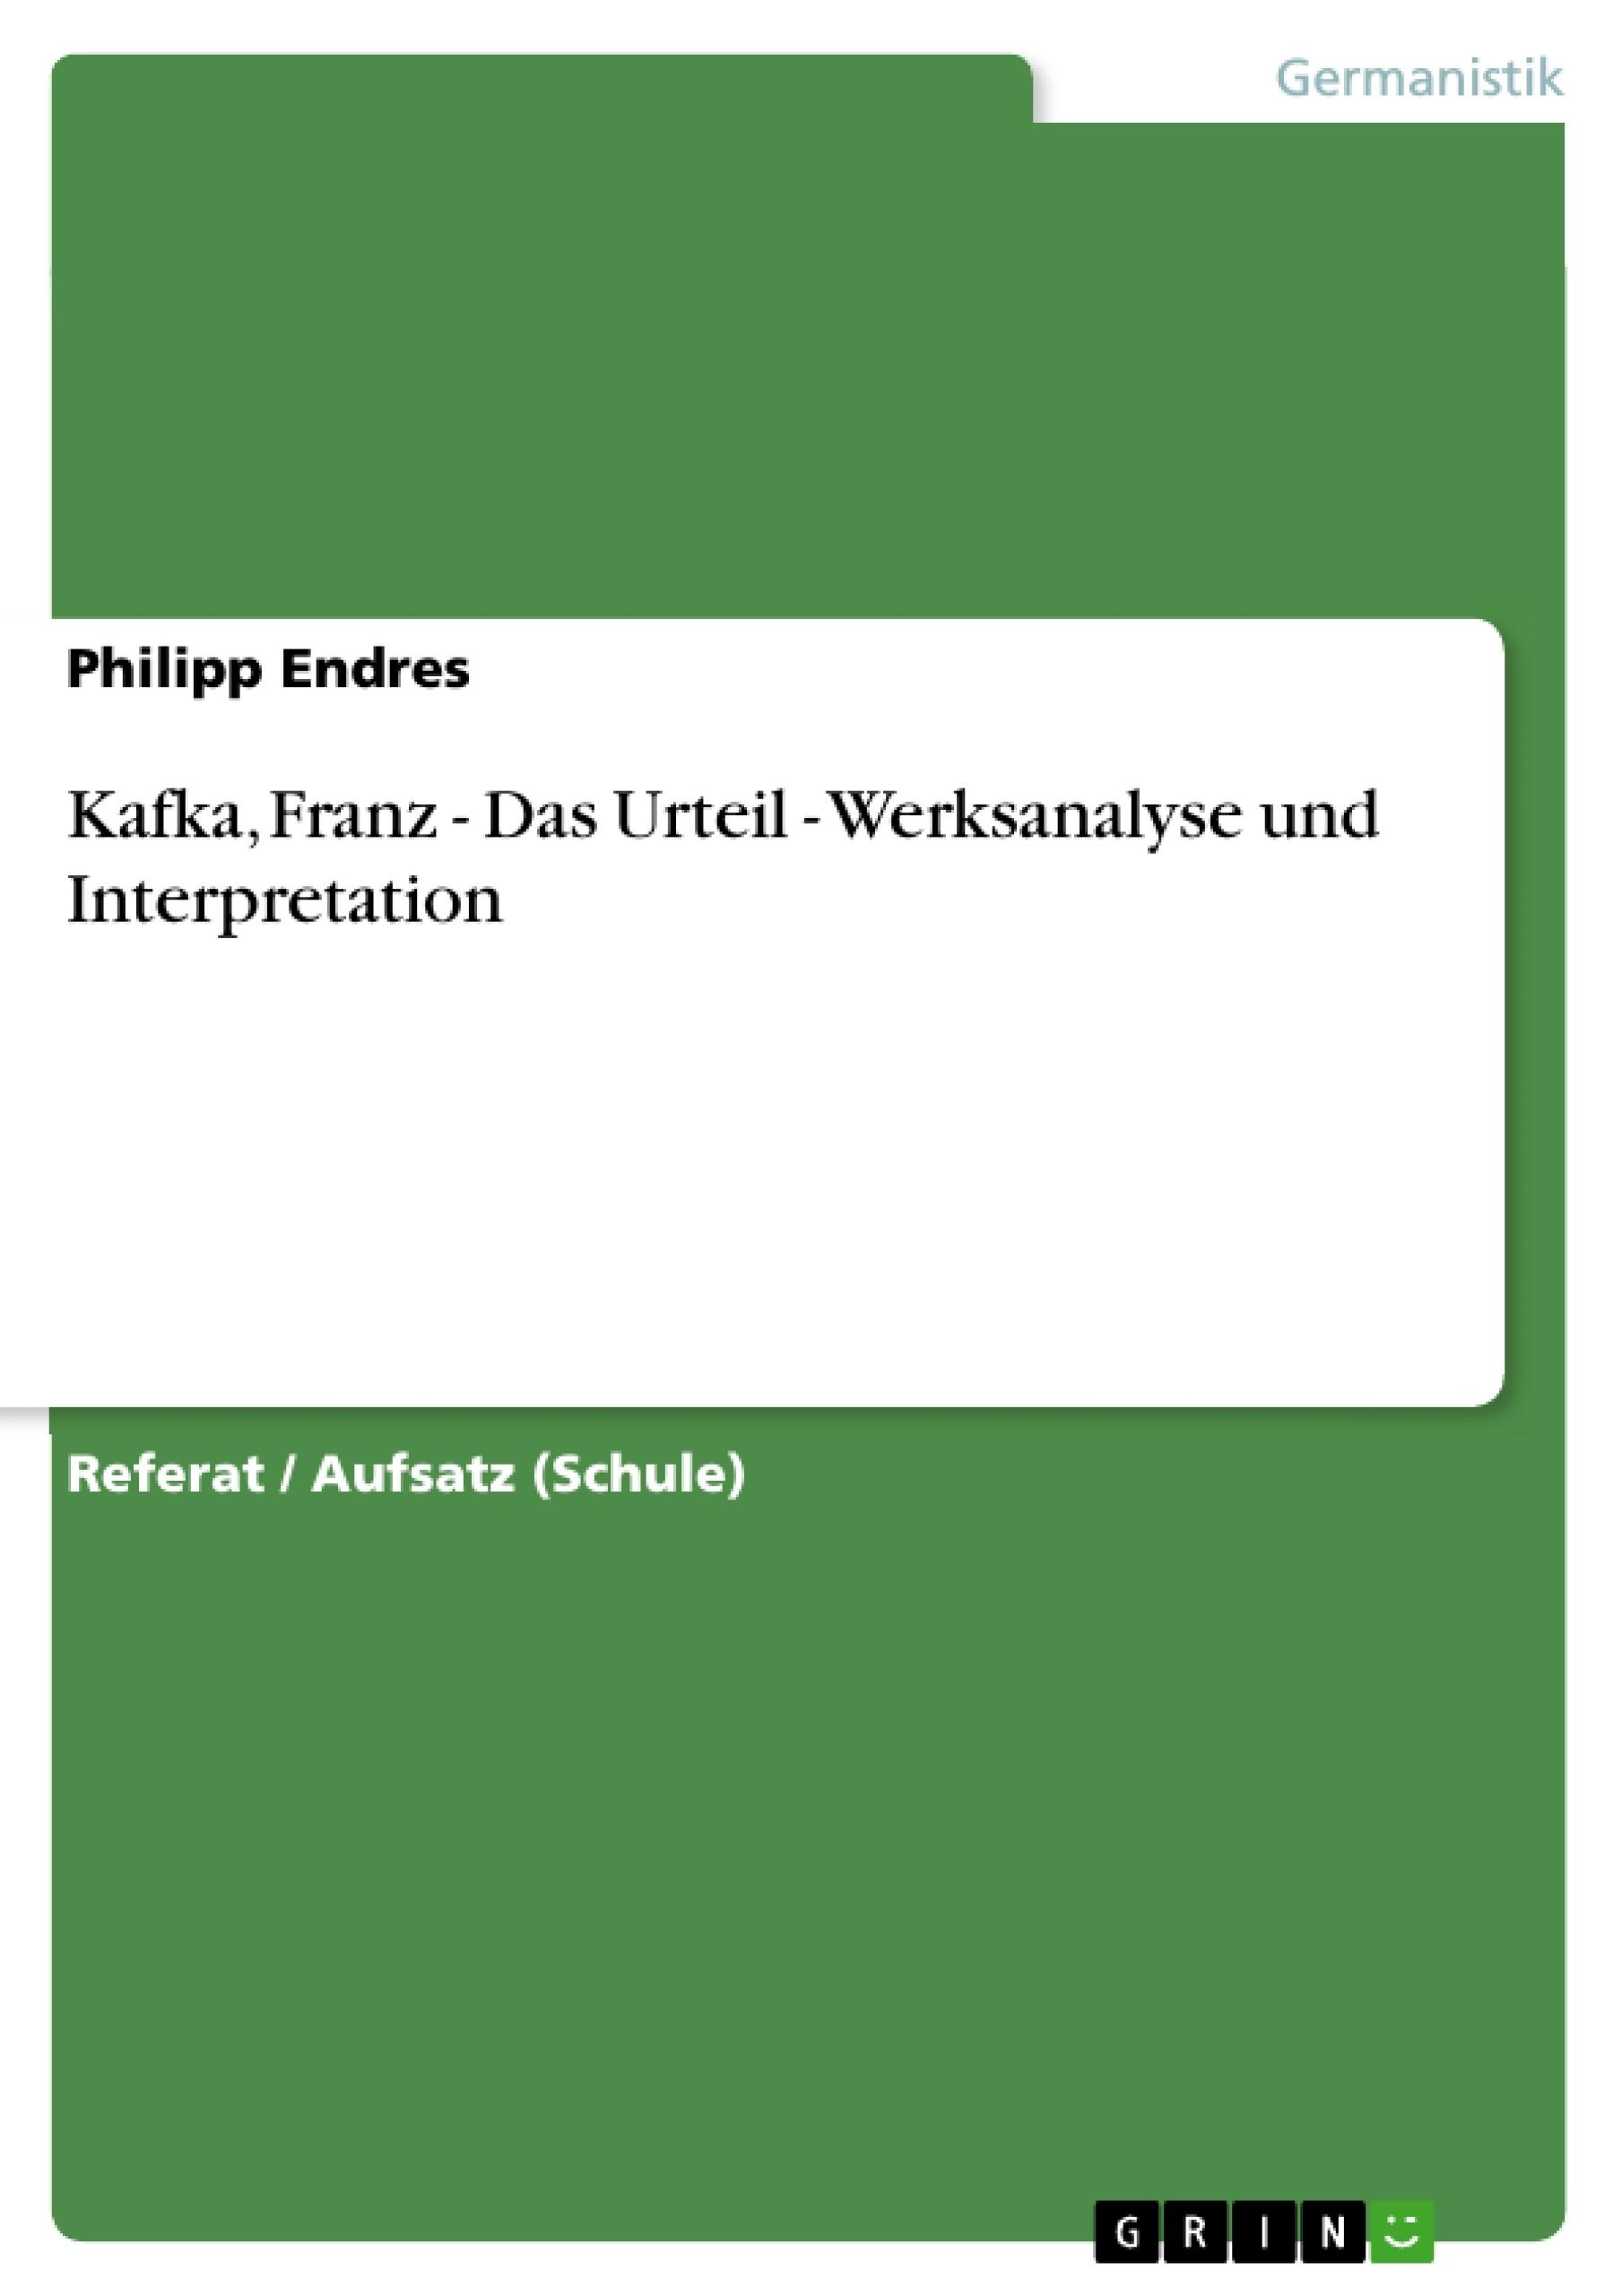 Titel: Kafka, Franz - Das Urteil - Werksanalyse und Interpretation